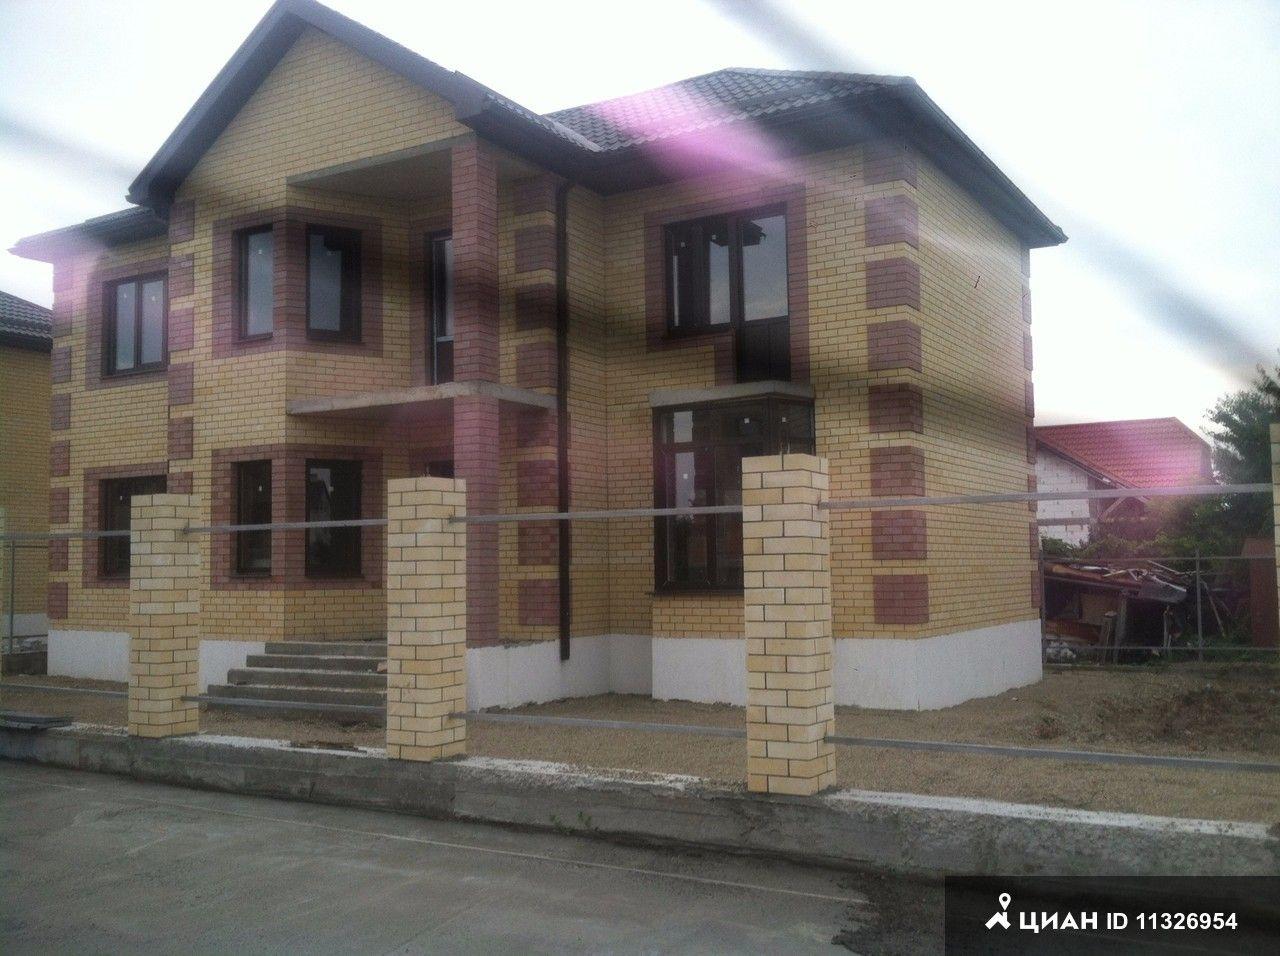 Продам дом поселок Знаменский, улица Приветная - база ЦИАН, объявление №31612297